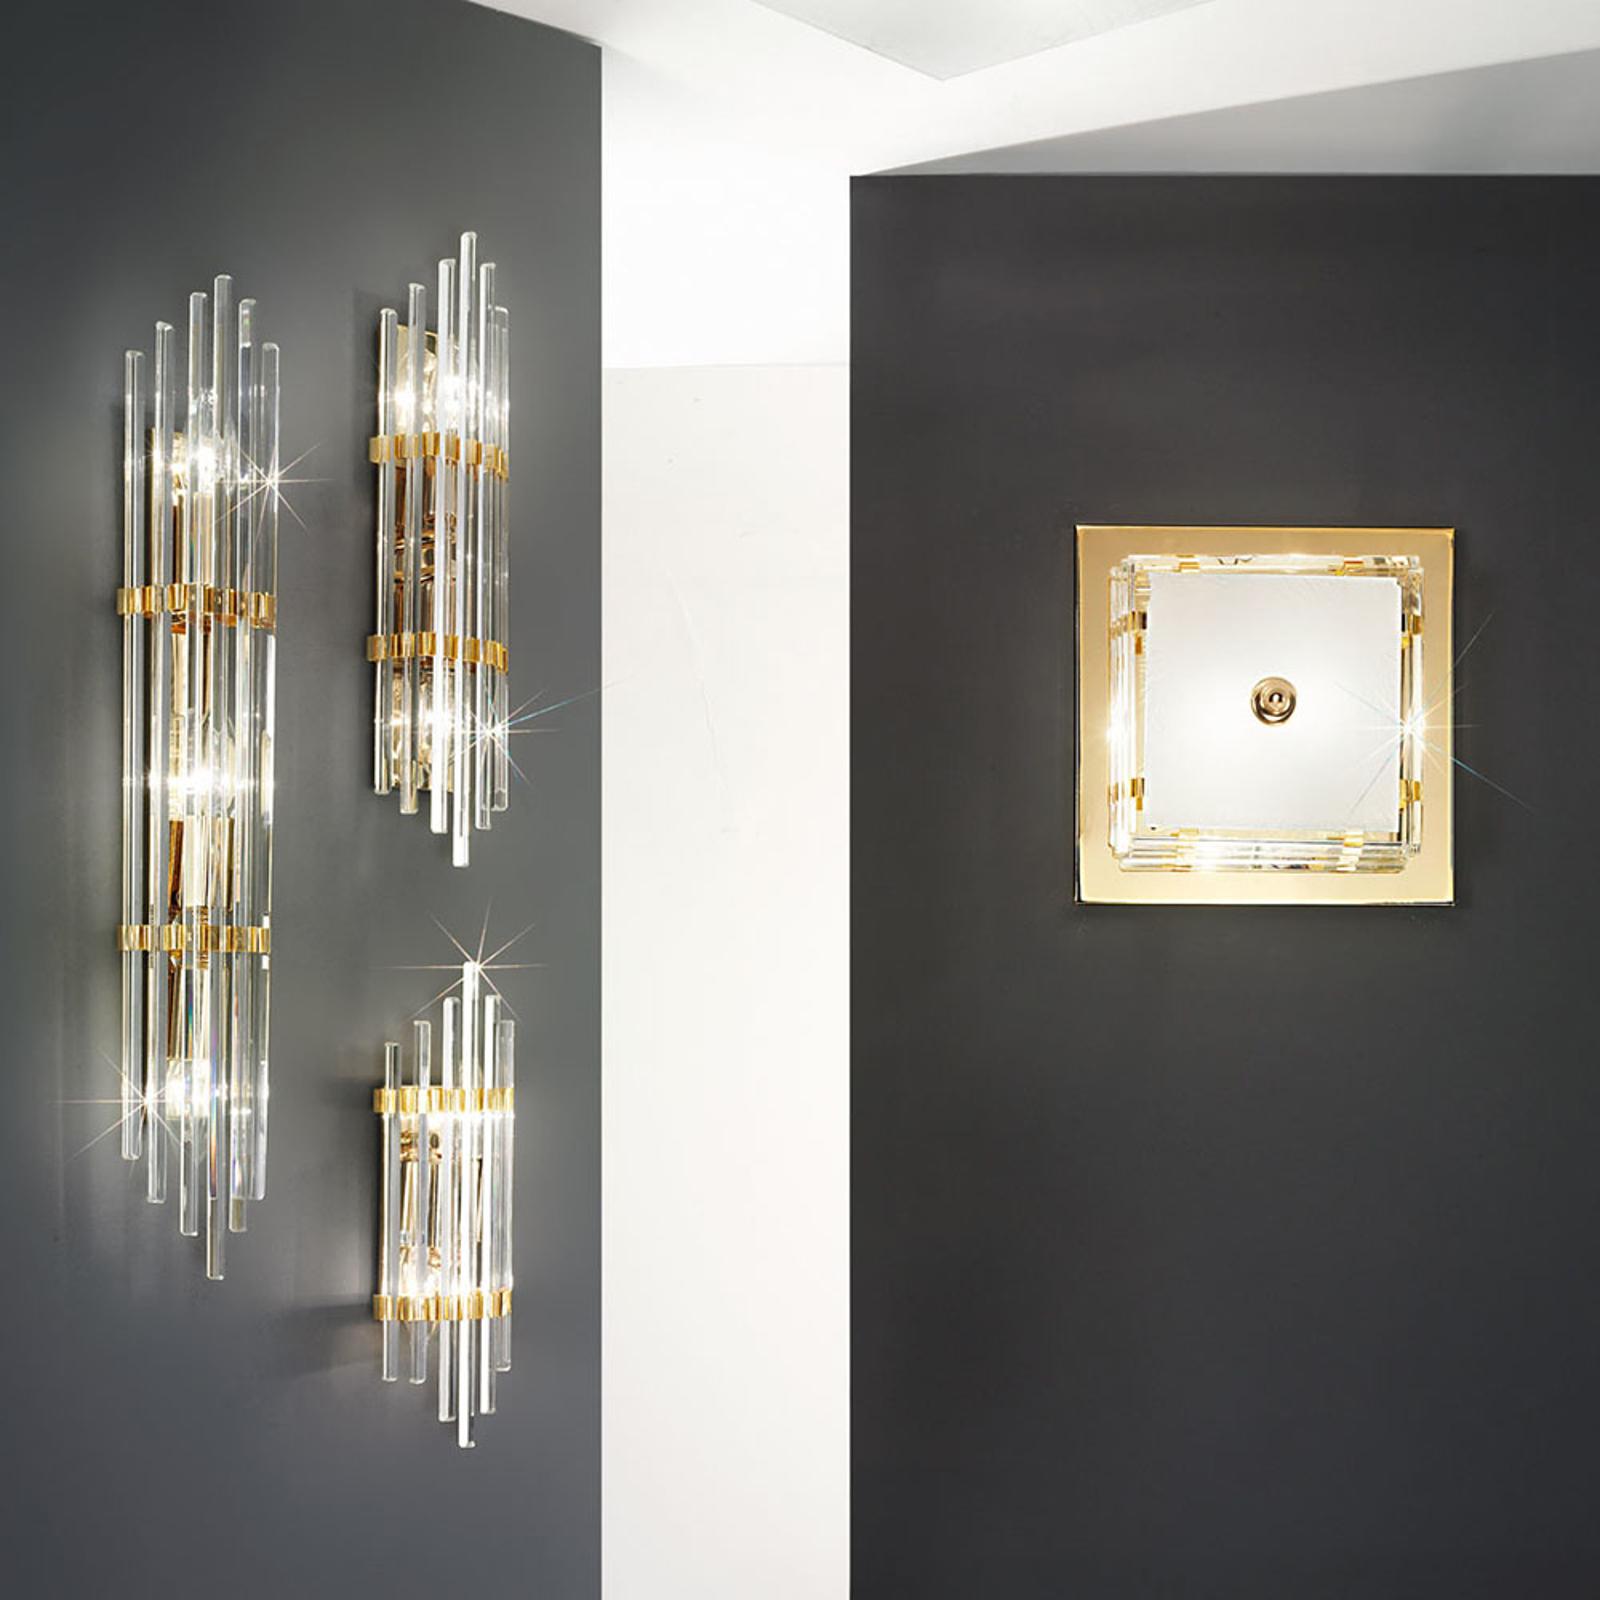 Applique Ontario, hauteur 31cm, dorée, carrée